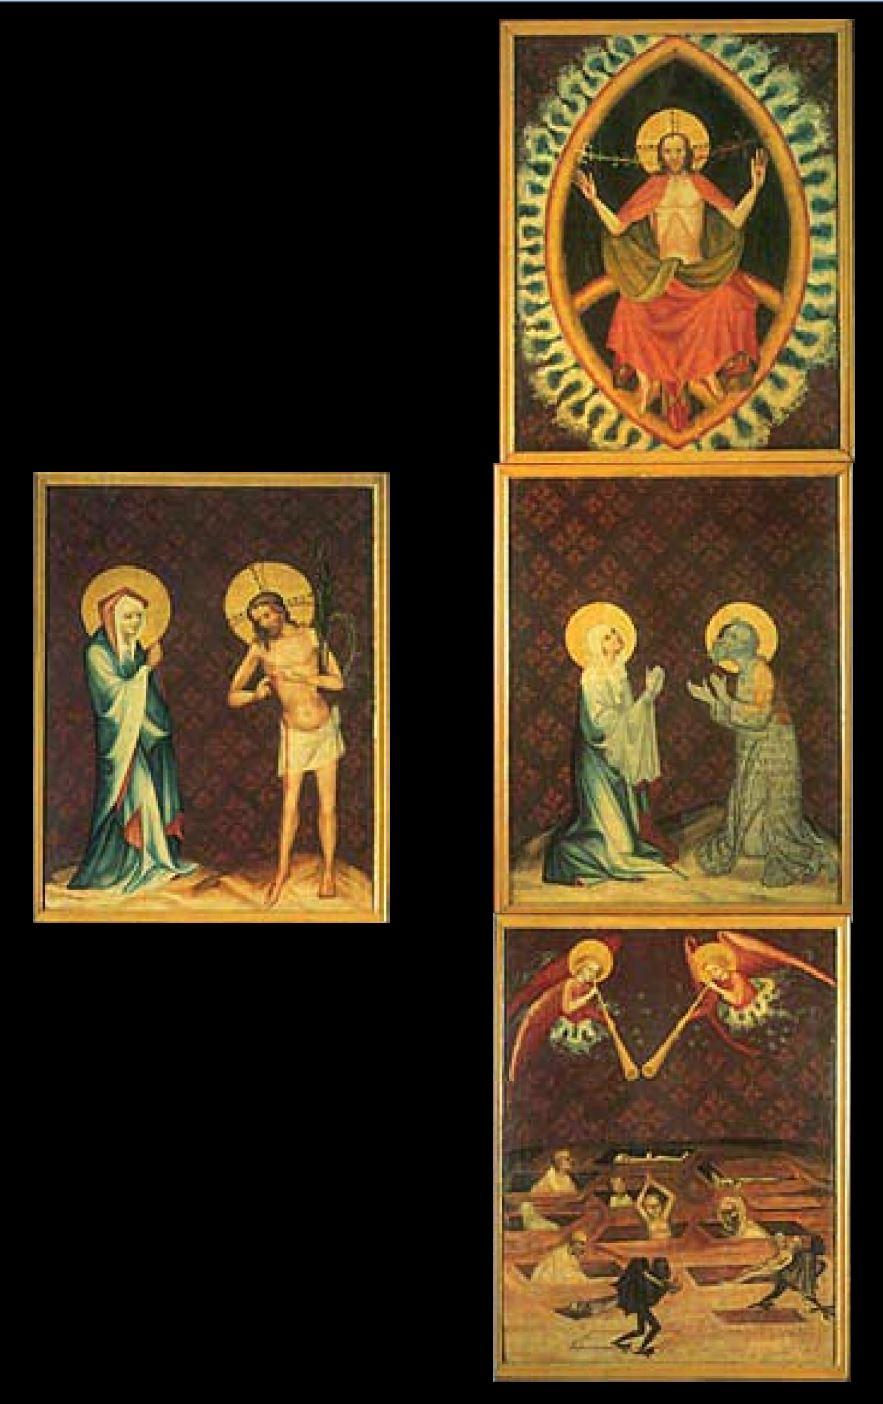 1390 ca Grudziądz_Polyptych_ etat 3 schema